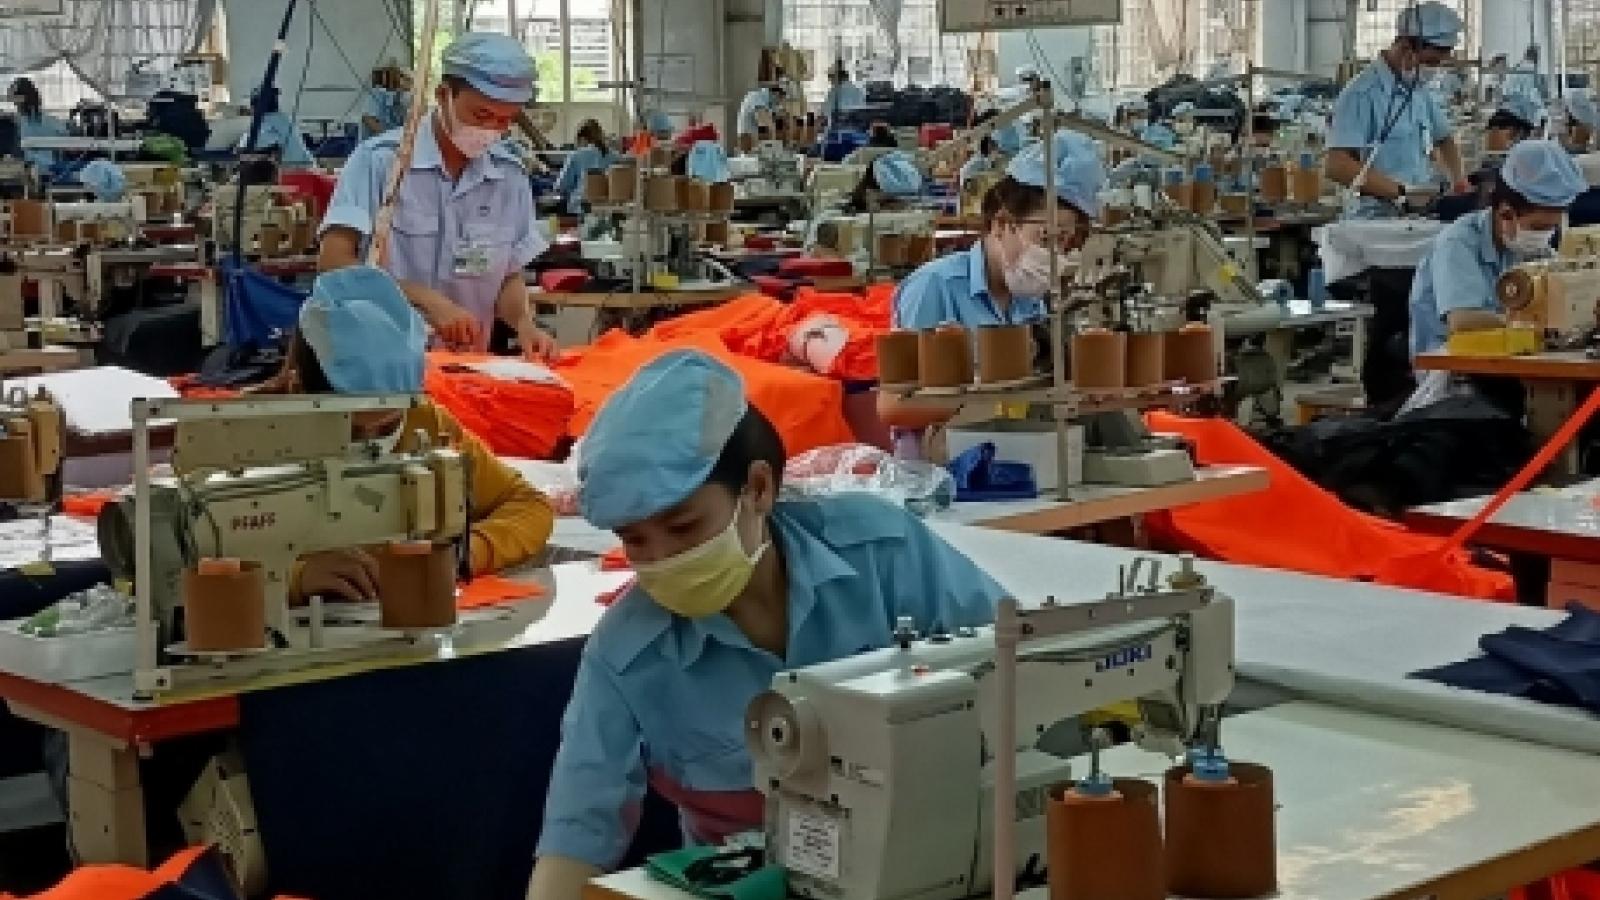 Vướng quy định, ít doanh nghiệp ở Bình Thuận được hỗ trợ khó khăn vì dịch bệnh